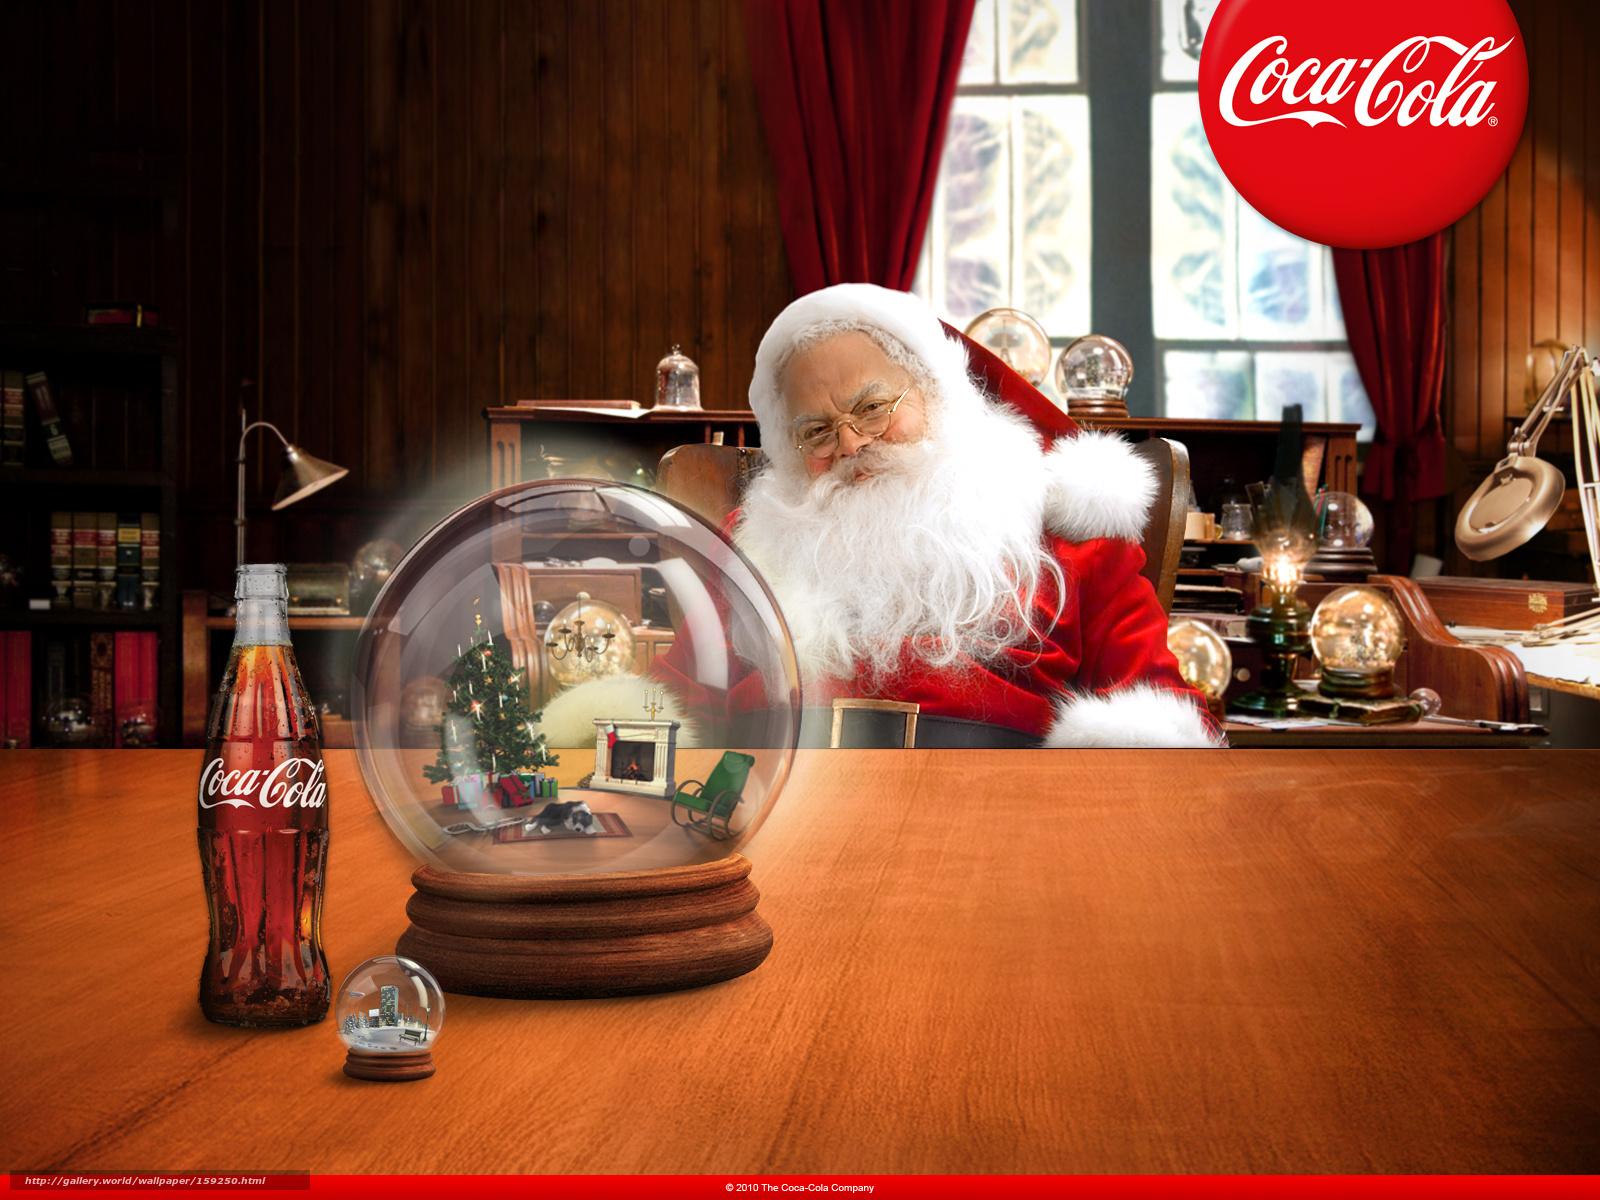 Картинки на рабочий стол 159250_coca-cola_novyj-god_santa_1600x1200_